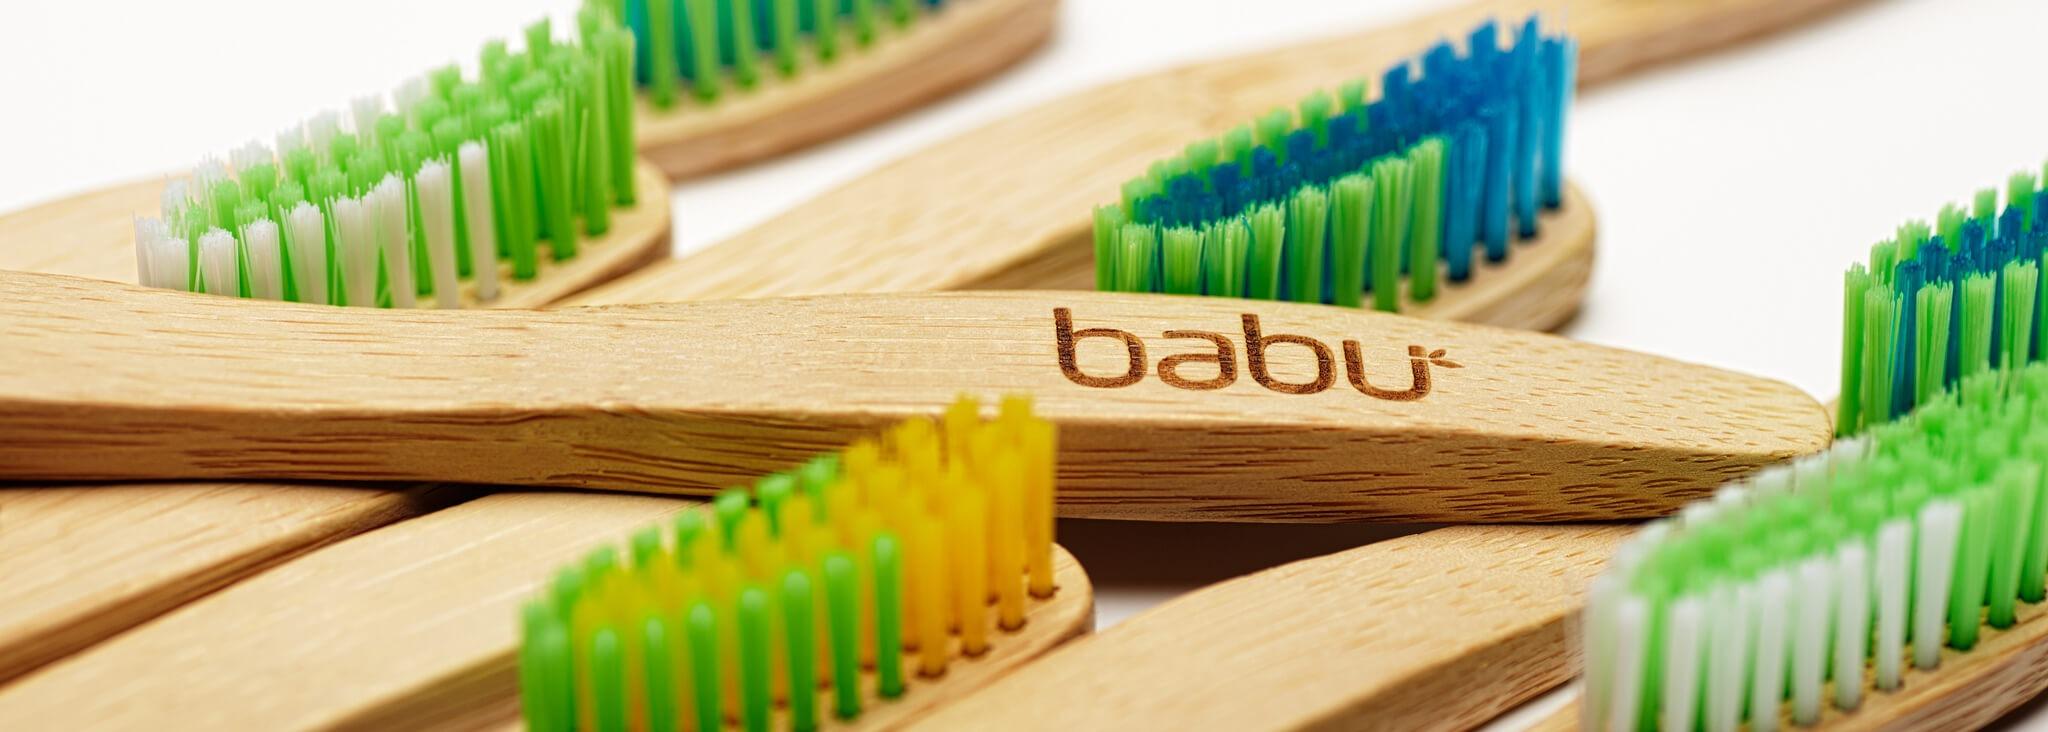 Babu: a marca portuguesa amiga do ambiente